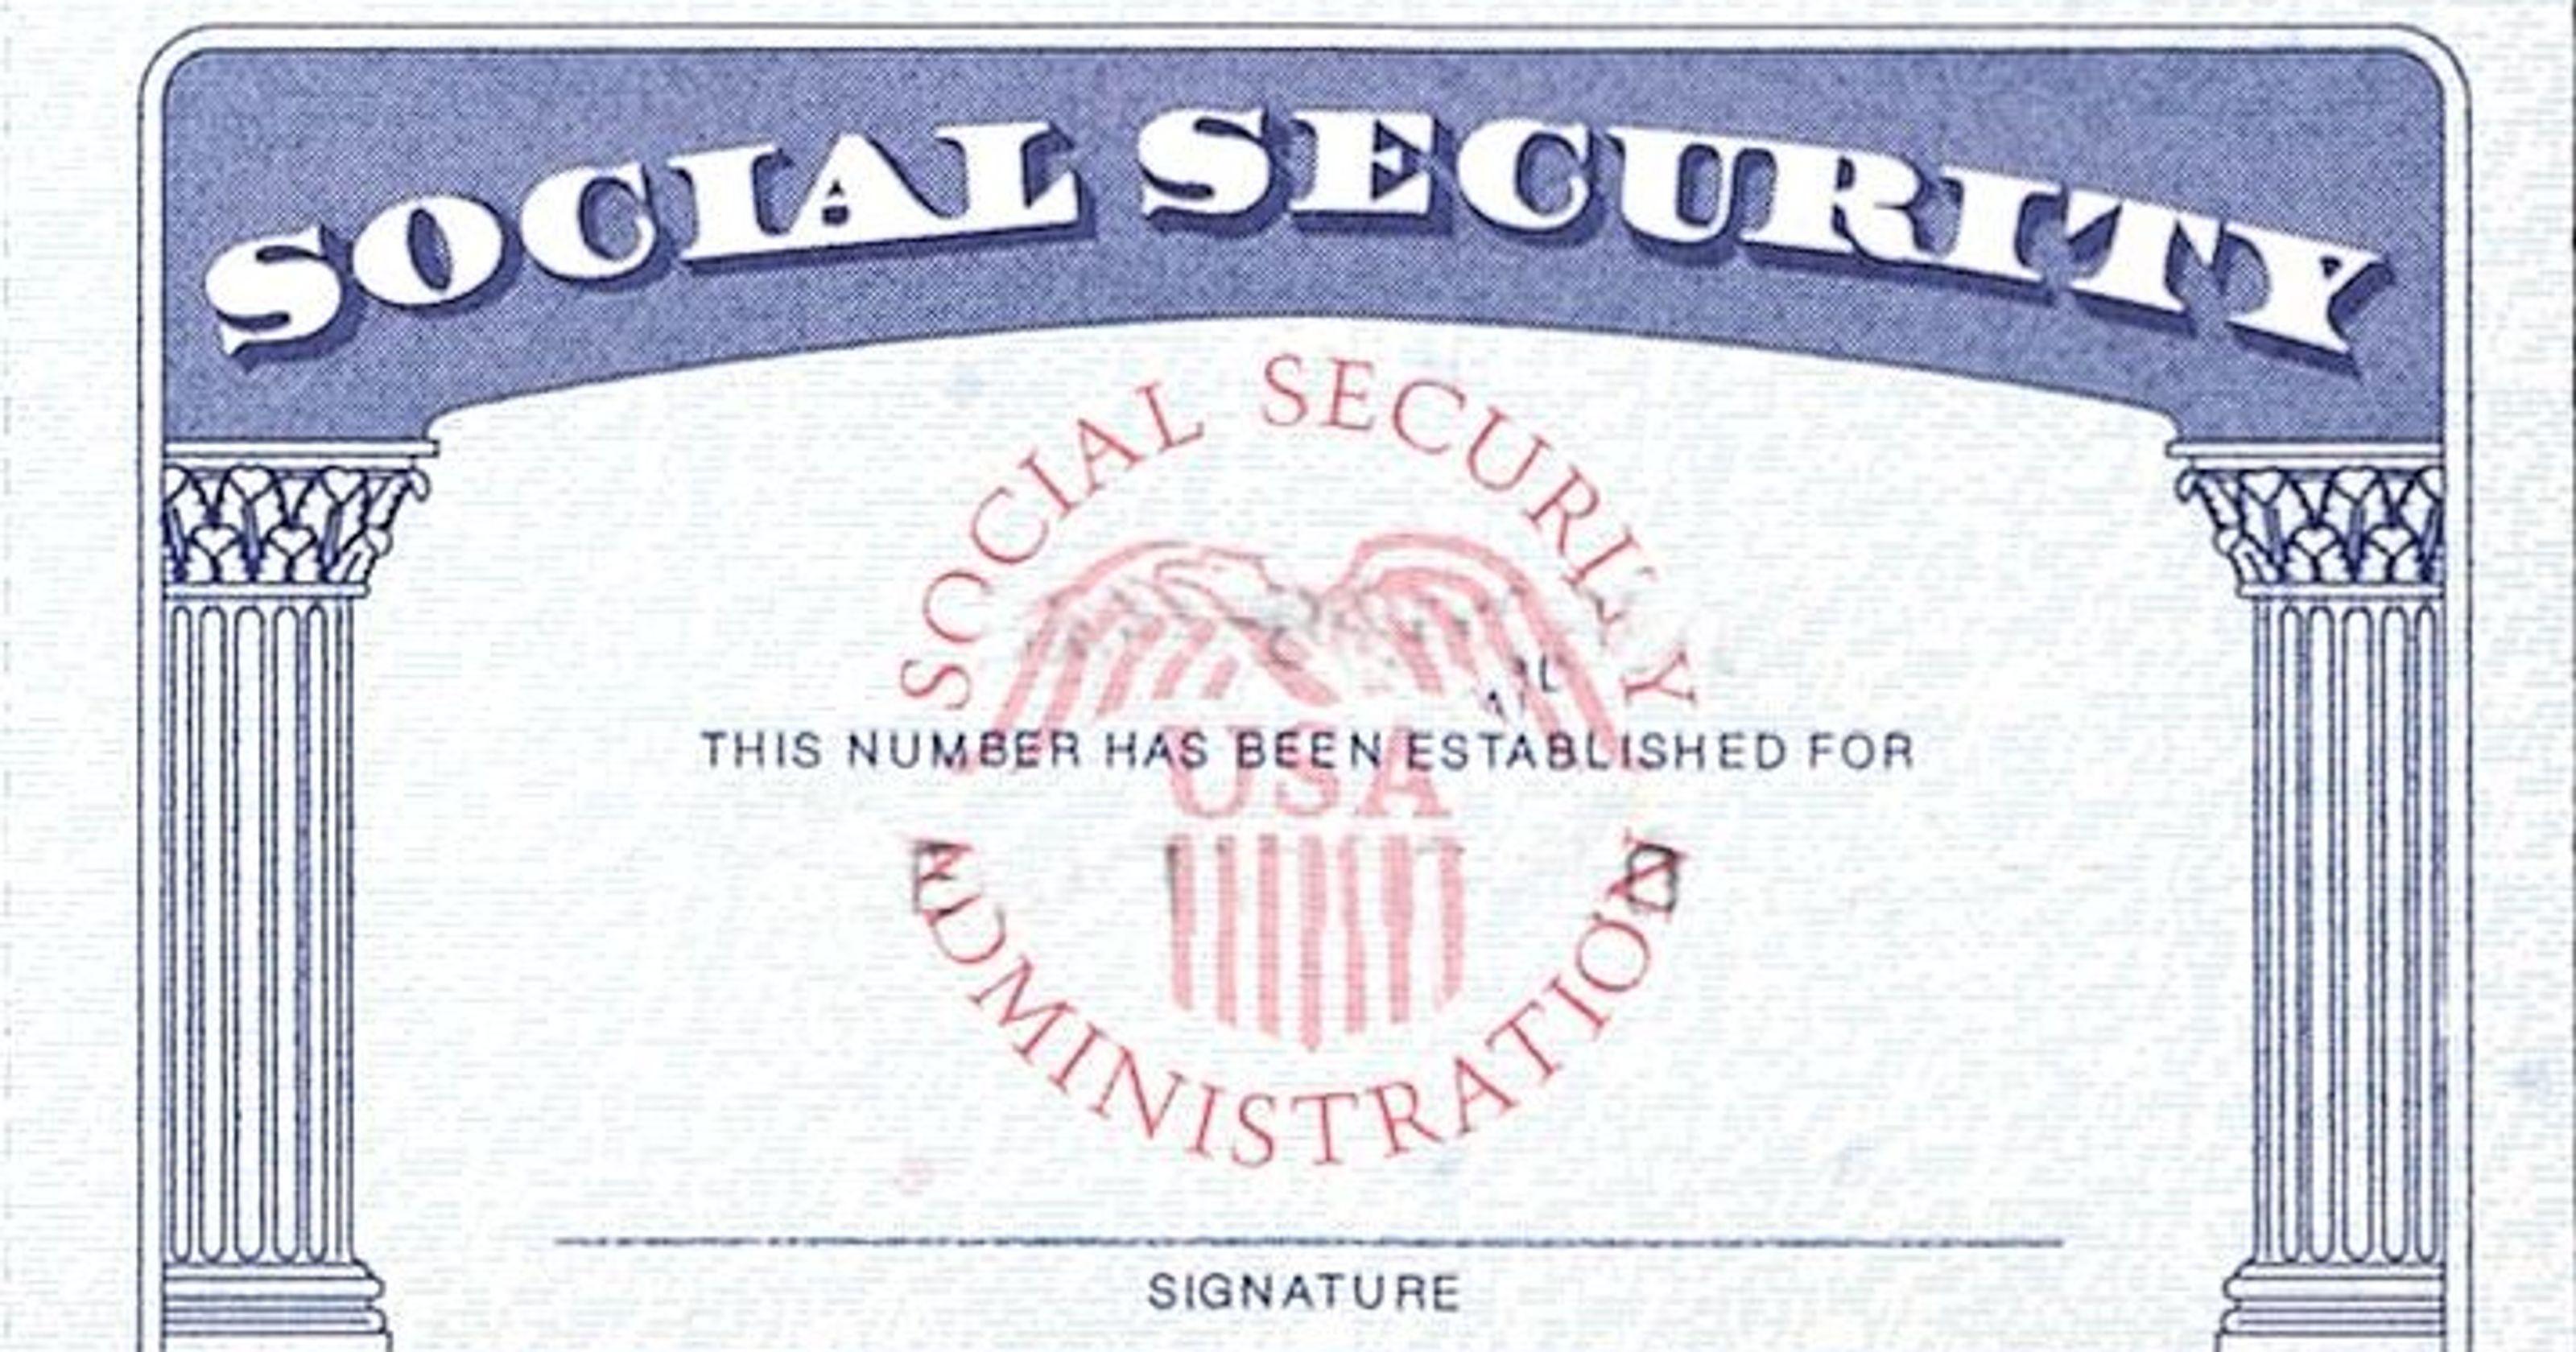 Dunham Public Library 1406317833000-social-security-card-4316935 1406317833000-social-security-card-4316935 Dunham